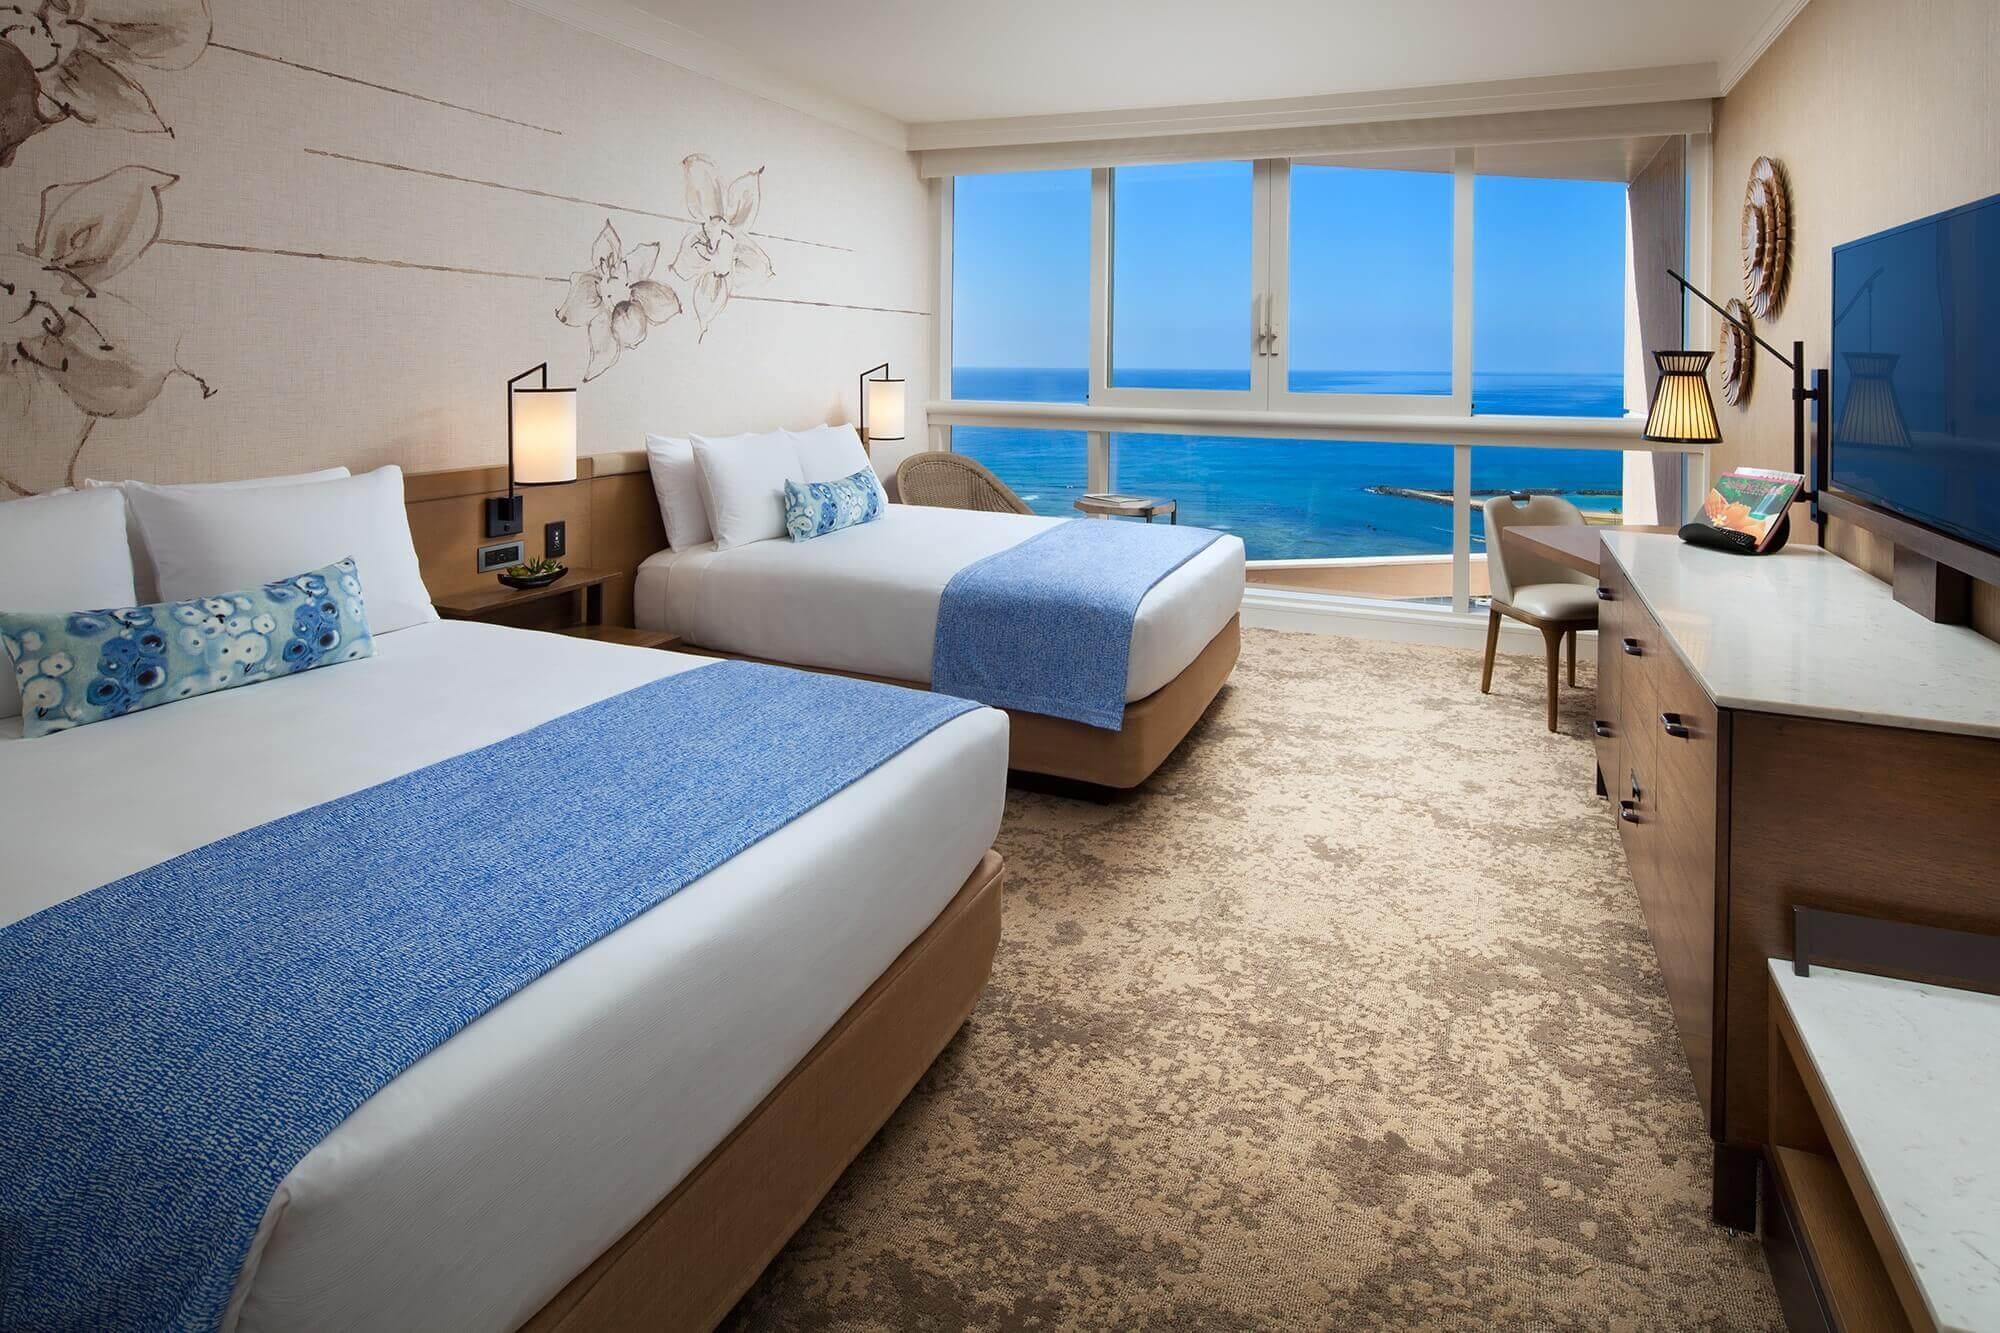 Gallery_Hotel-ClubRoom.jpg